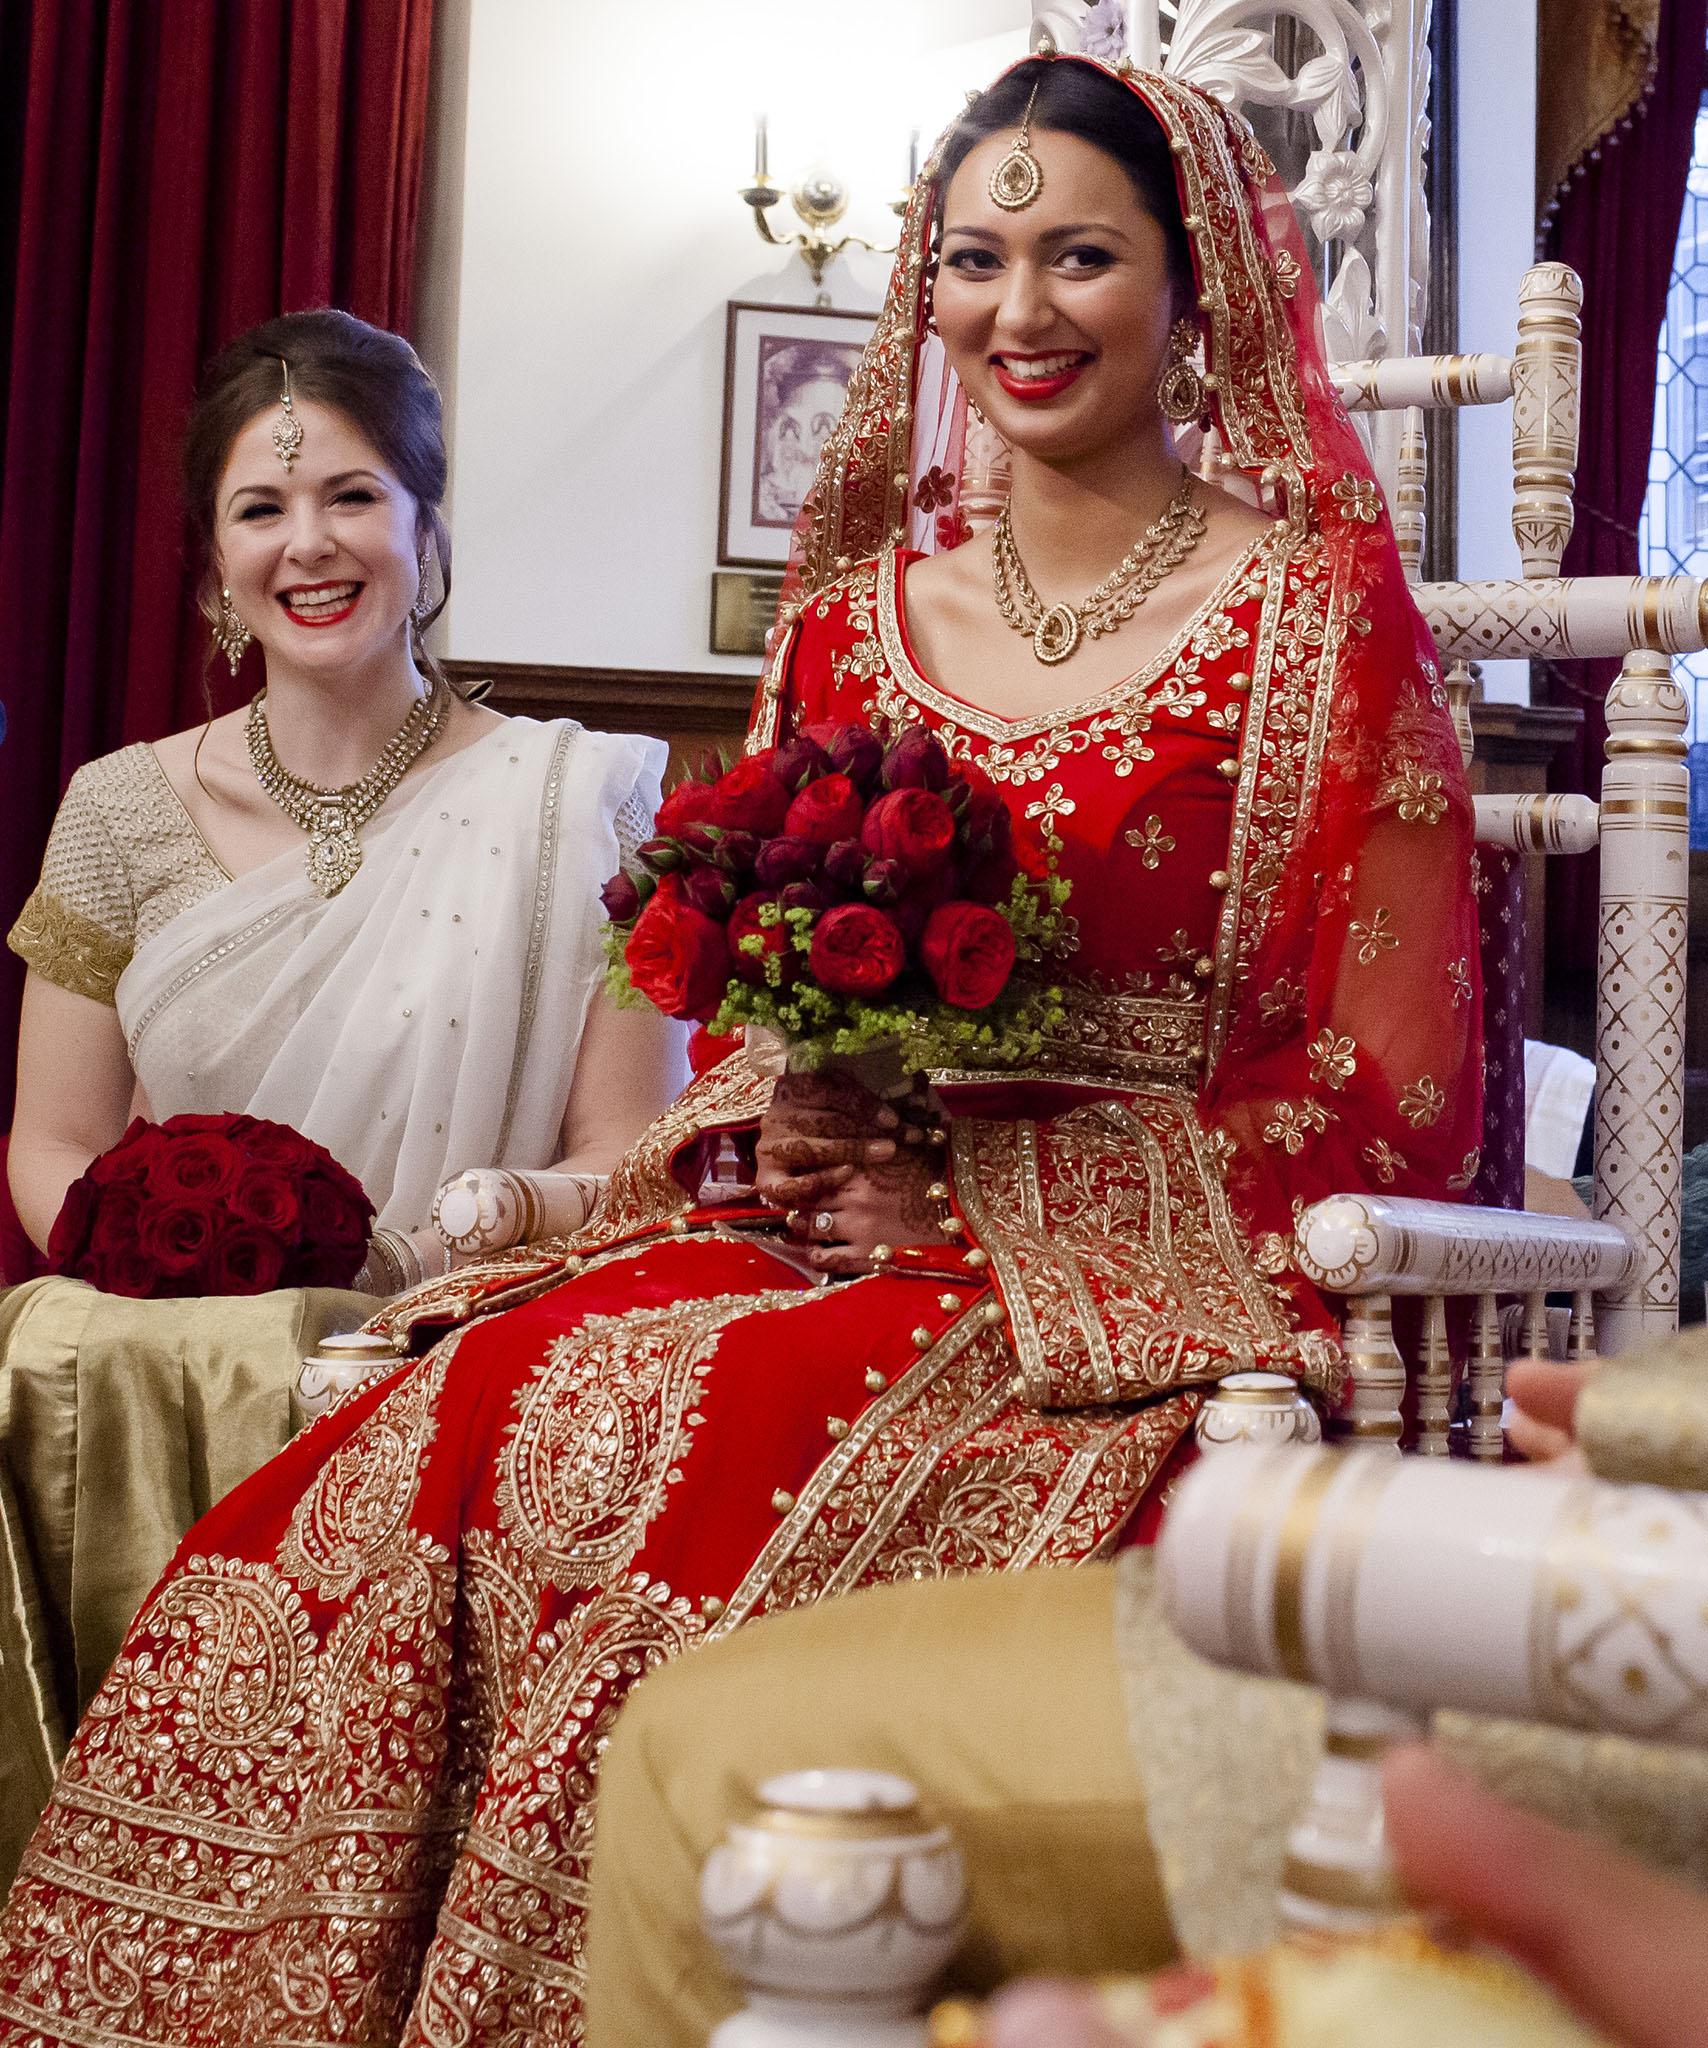 elizabethgphotography_kingslangley_hertfordshire_fineart_indian_wedding_photography_bhavesh_kundalata_bhaktivedanta_manor_watford_jpg17.jpg